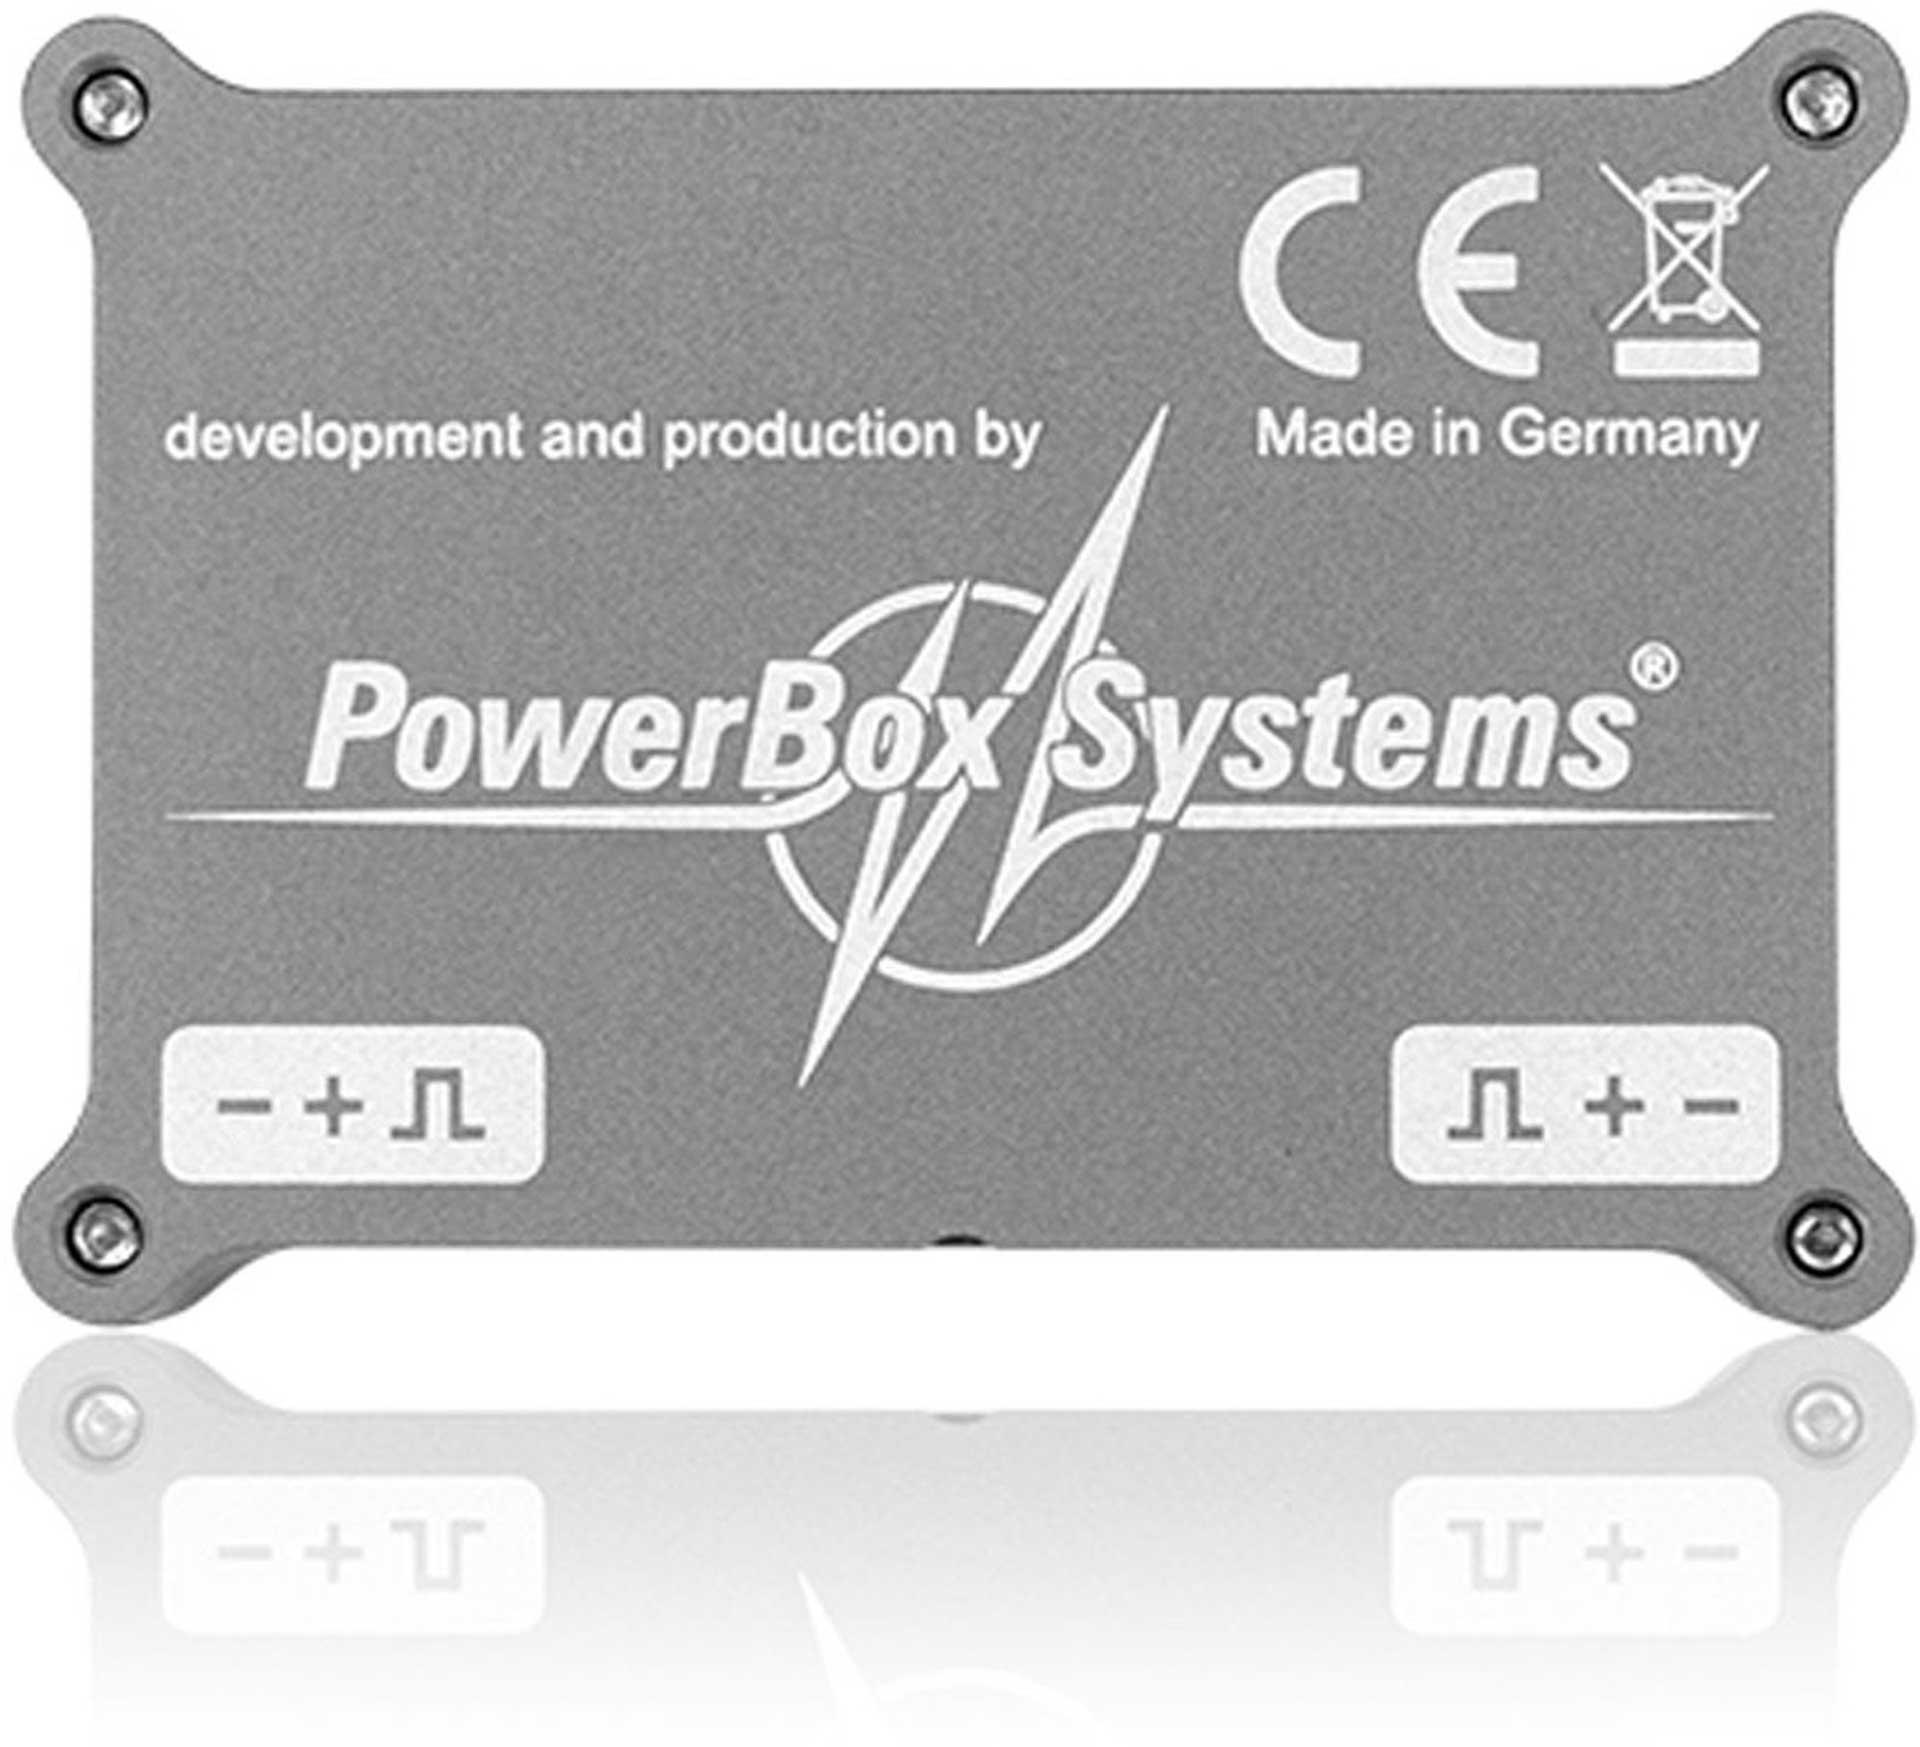 POWERBOX SYSTEMS IGYRO 3XTRA